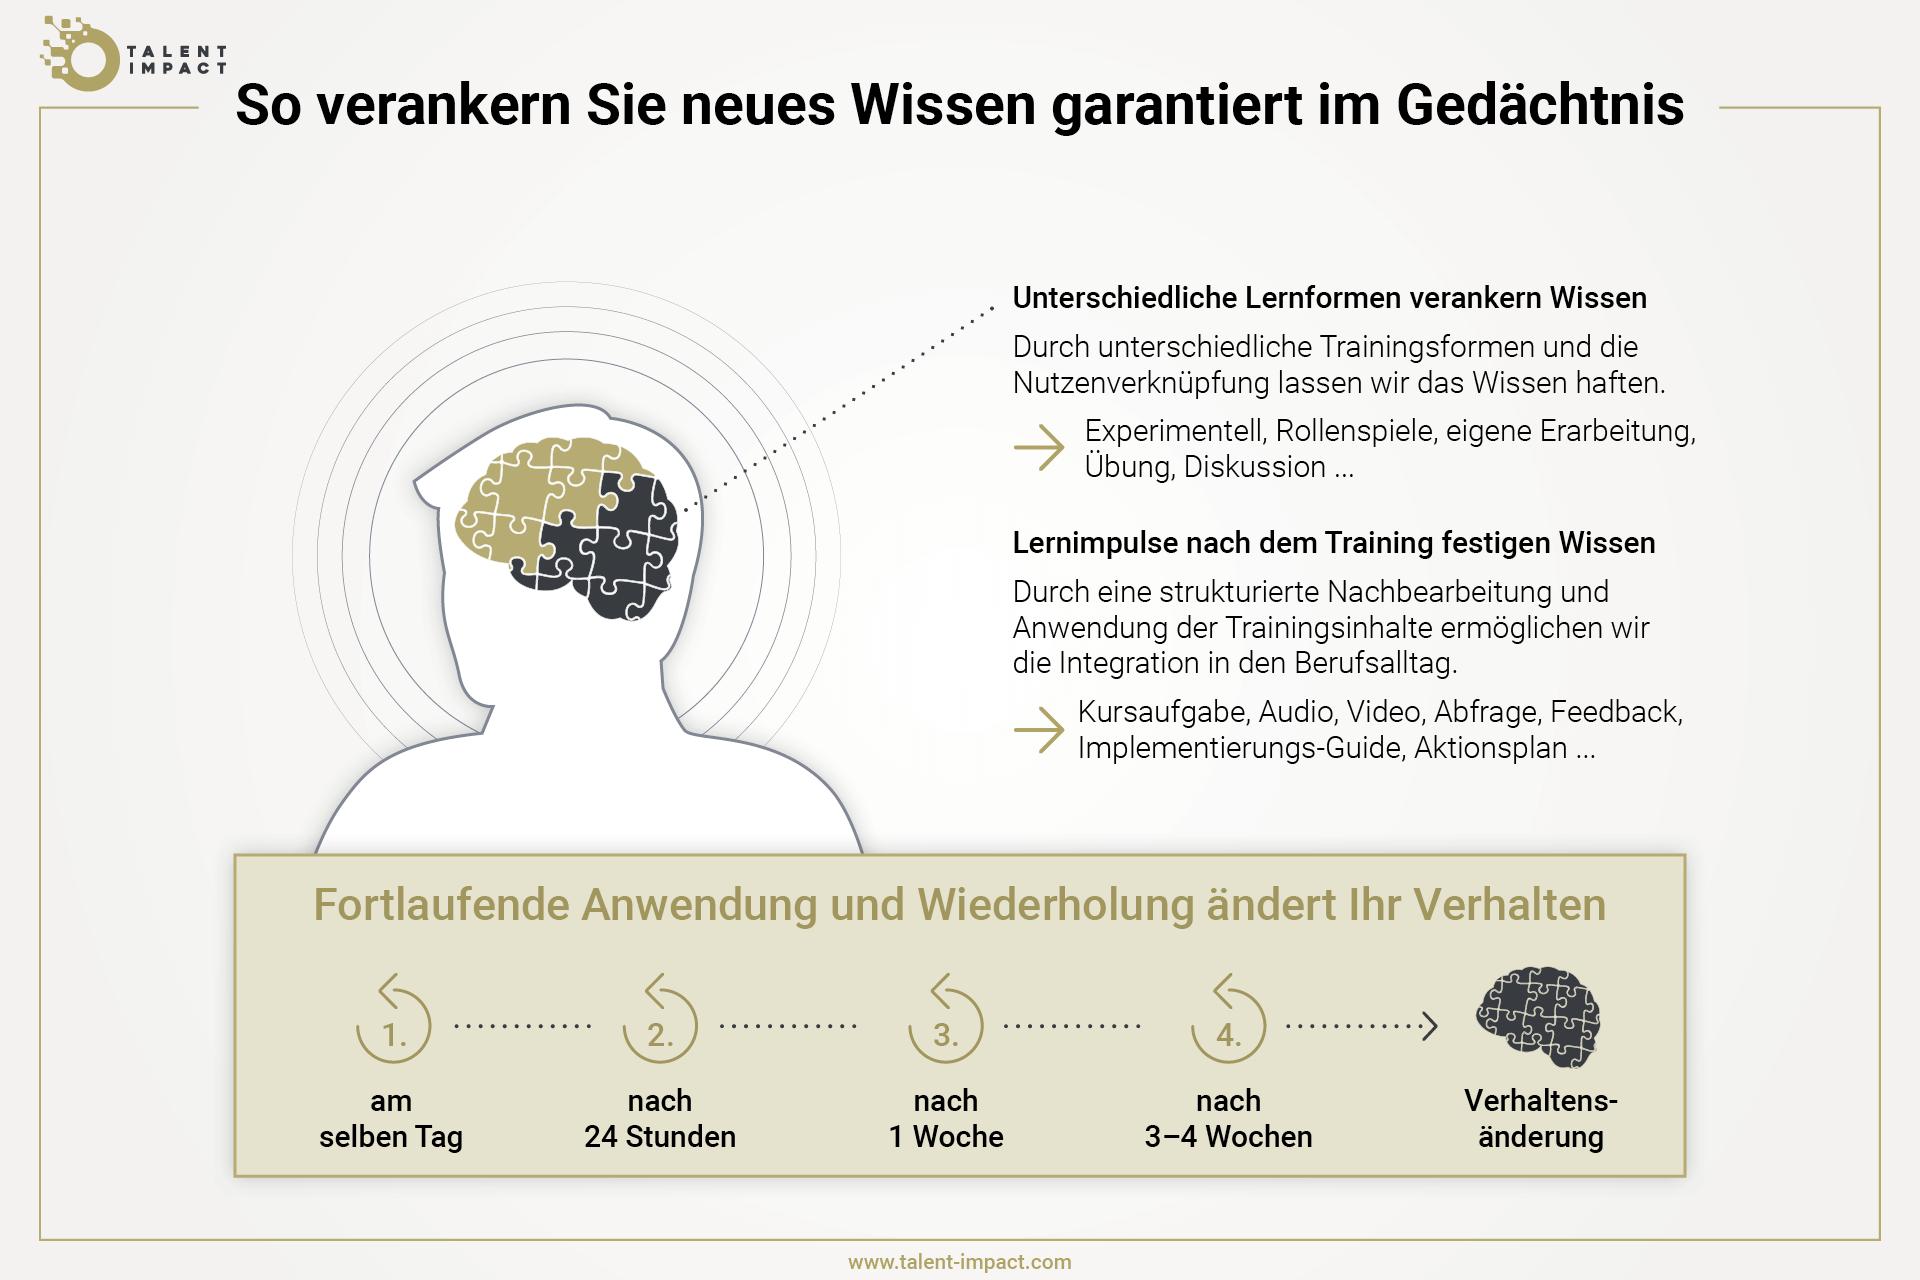 Grafik, die zeigt, wie man durch Wiederholung neues Wissen verankern kann im Gehirn